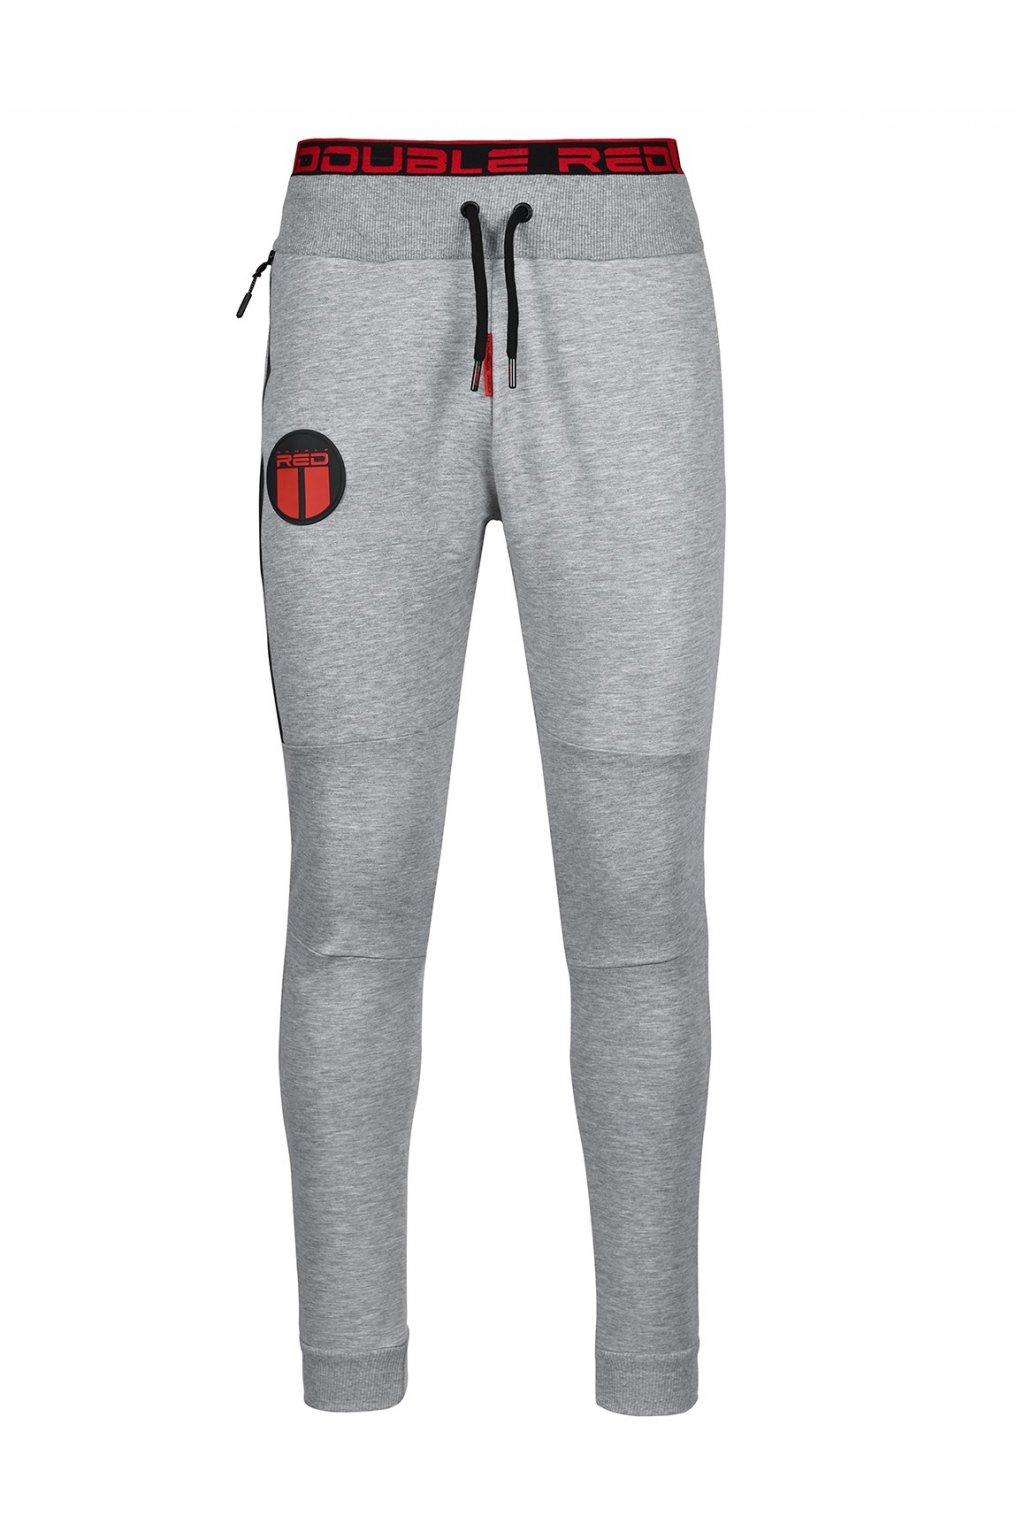 Pánské tepláky Sweatpants Sport Is Your Gang Light Grey